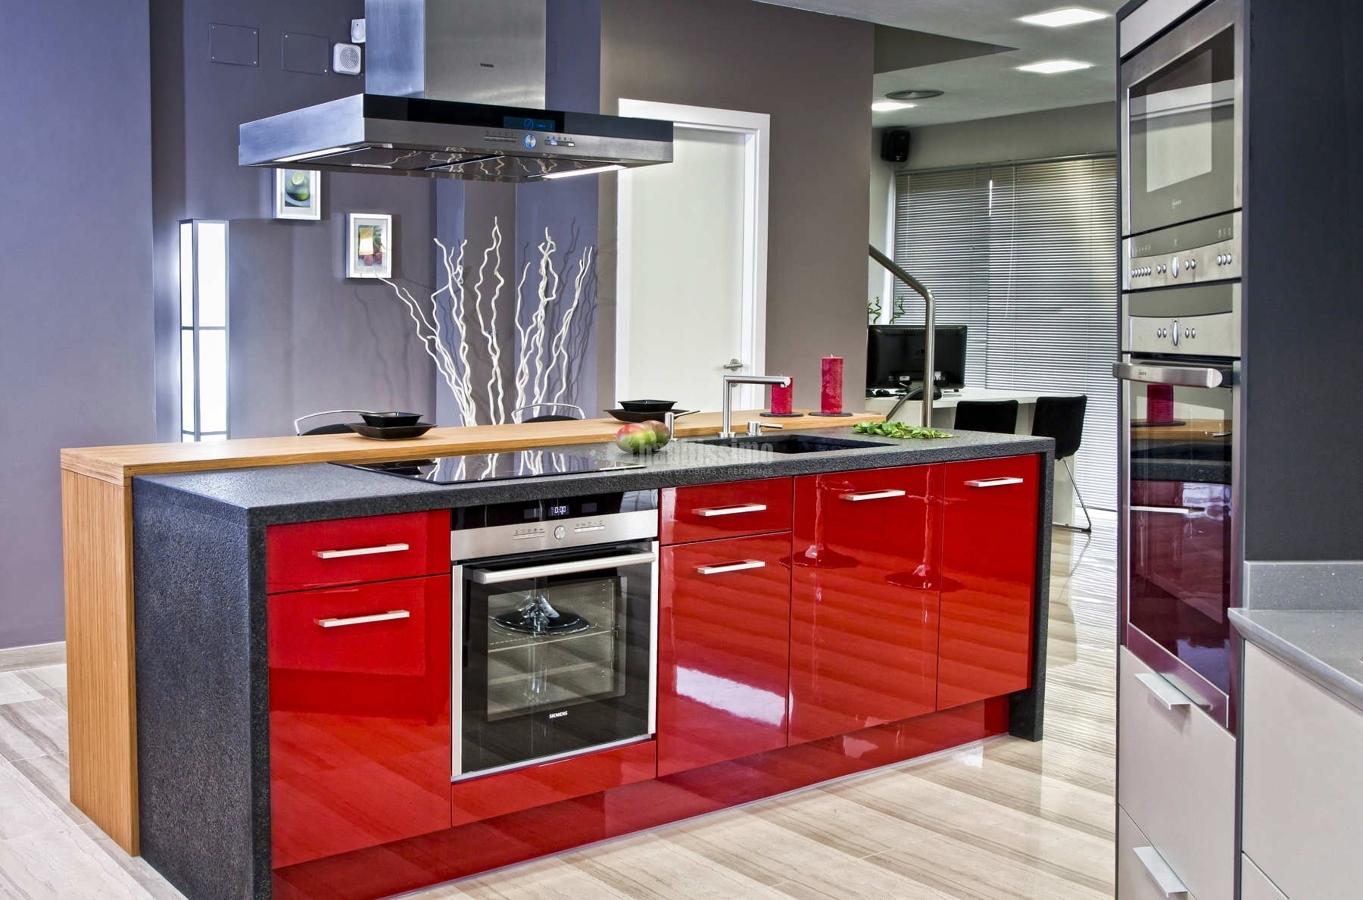 Foto muebles cocina muebles ba o electrodom sticos de s for Muebles de cocina huesca